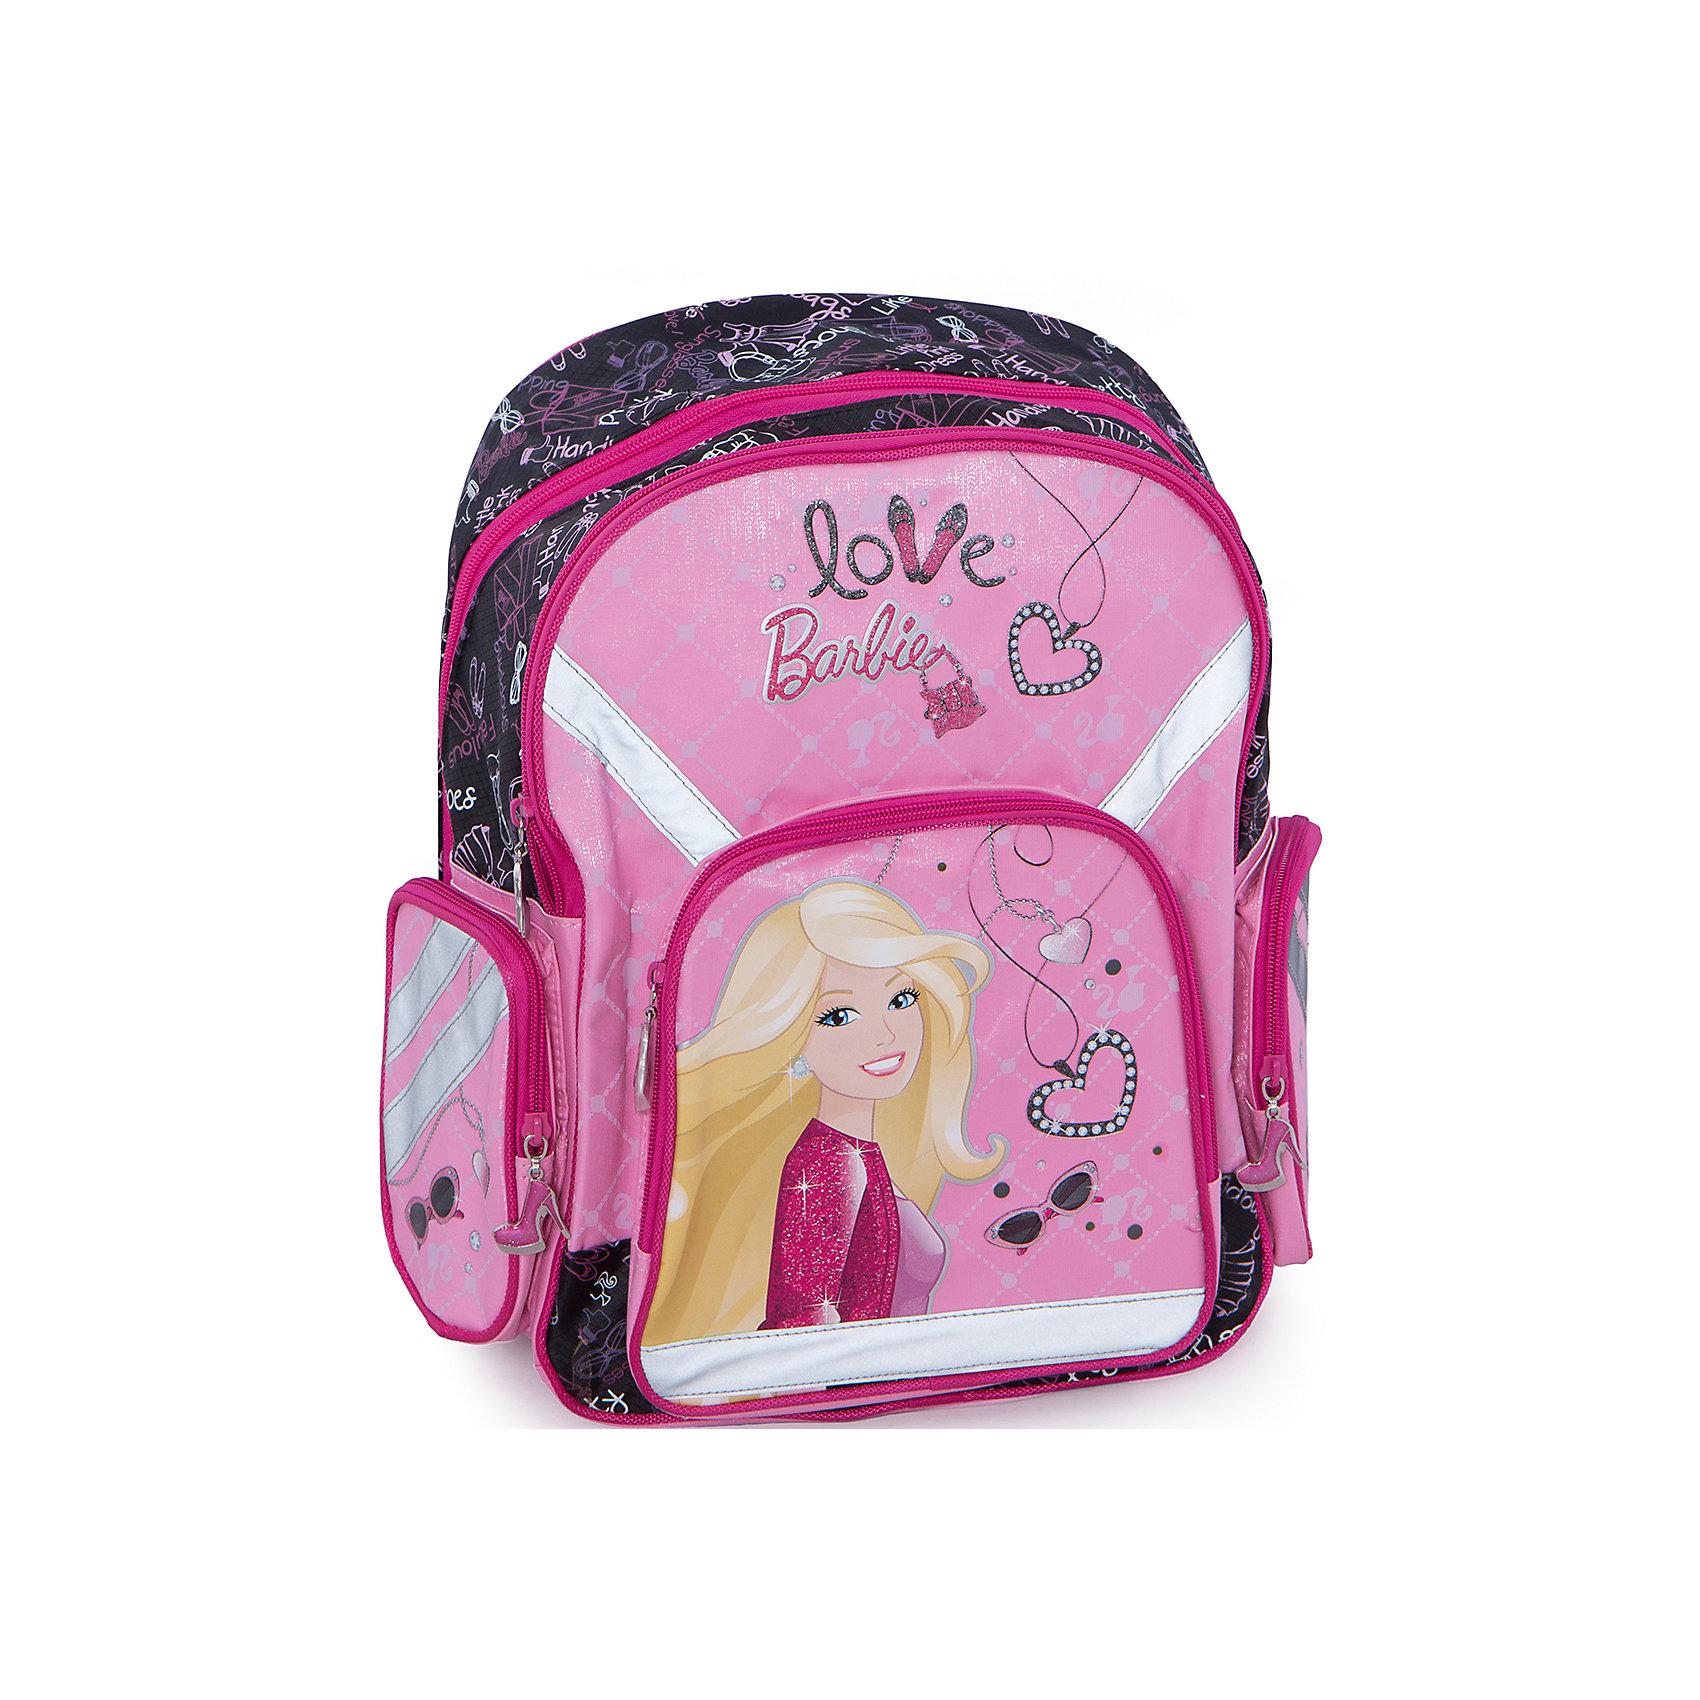 Ортопедический рюкзак Barbie с EVA-спинкойBarbie Рюкзак ортопедический с  EVA-спинкой от любимого бренда Barbie У рюкзака: три отделения на молнии, по бокам два кармана. Внутри основного отделения, есть разделитель для учебников и тетрадей. <br>Размер: 38 х 36 х 18 см<br><br>Ширина мм: 380<br>Глубина мм: 360<br>Высота мм: 180<br>Вес г: 740<br>Возраст от месяцев: 84<br>Возраст до месяцев: 144<br>Пол: Женский<br>Возраст: Детский<br>SKU: 3178606